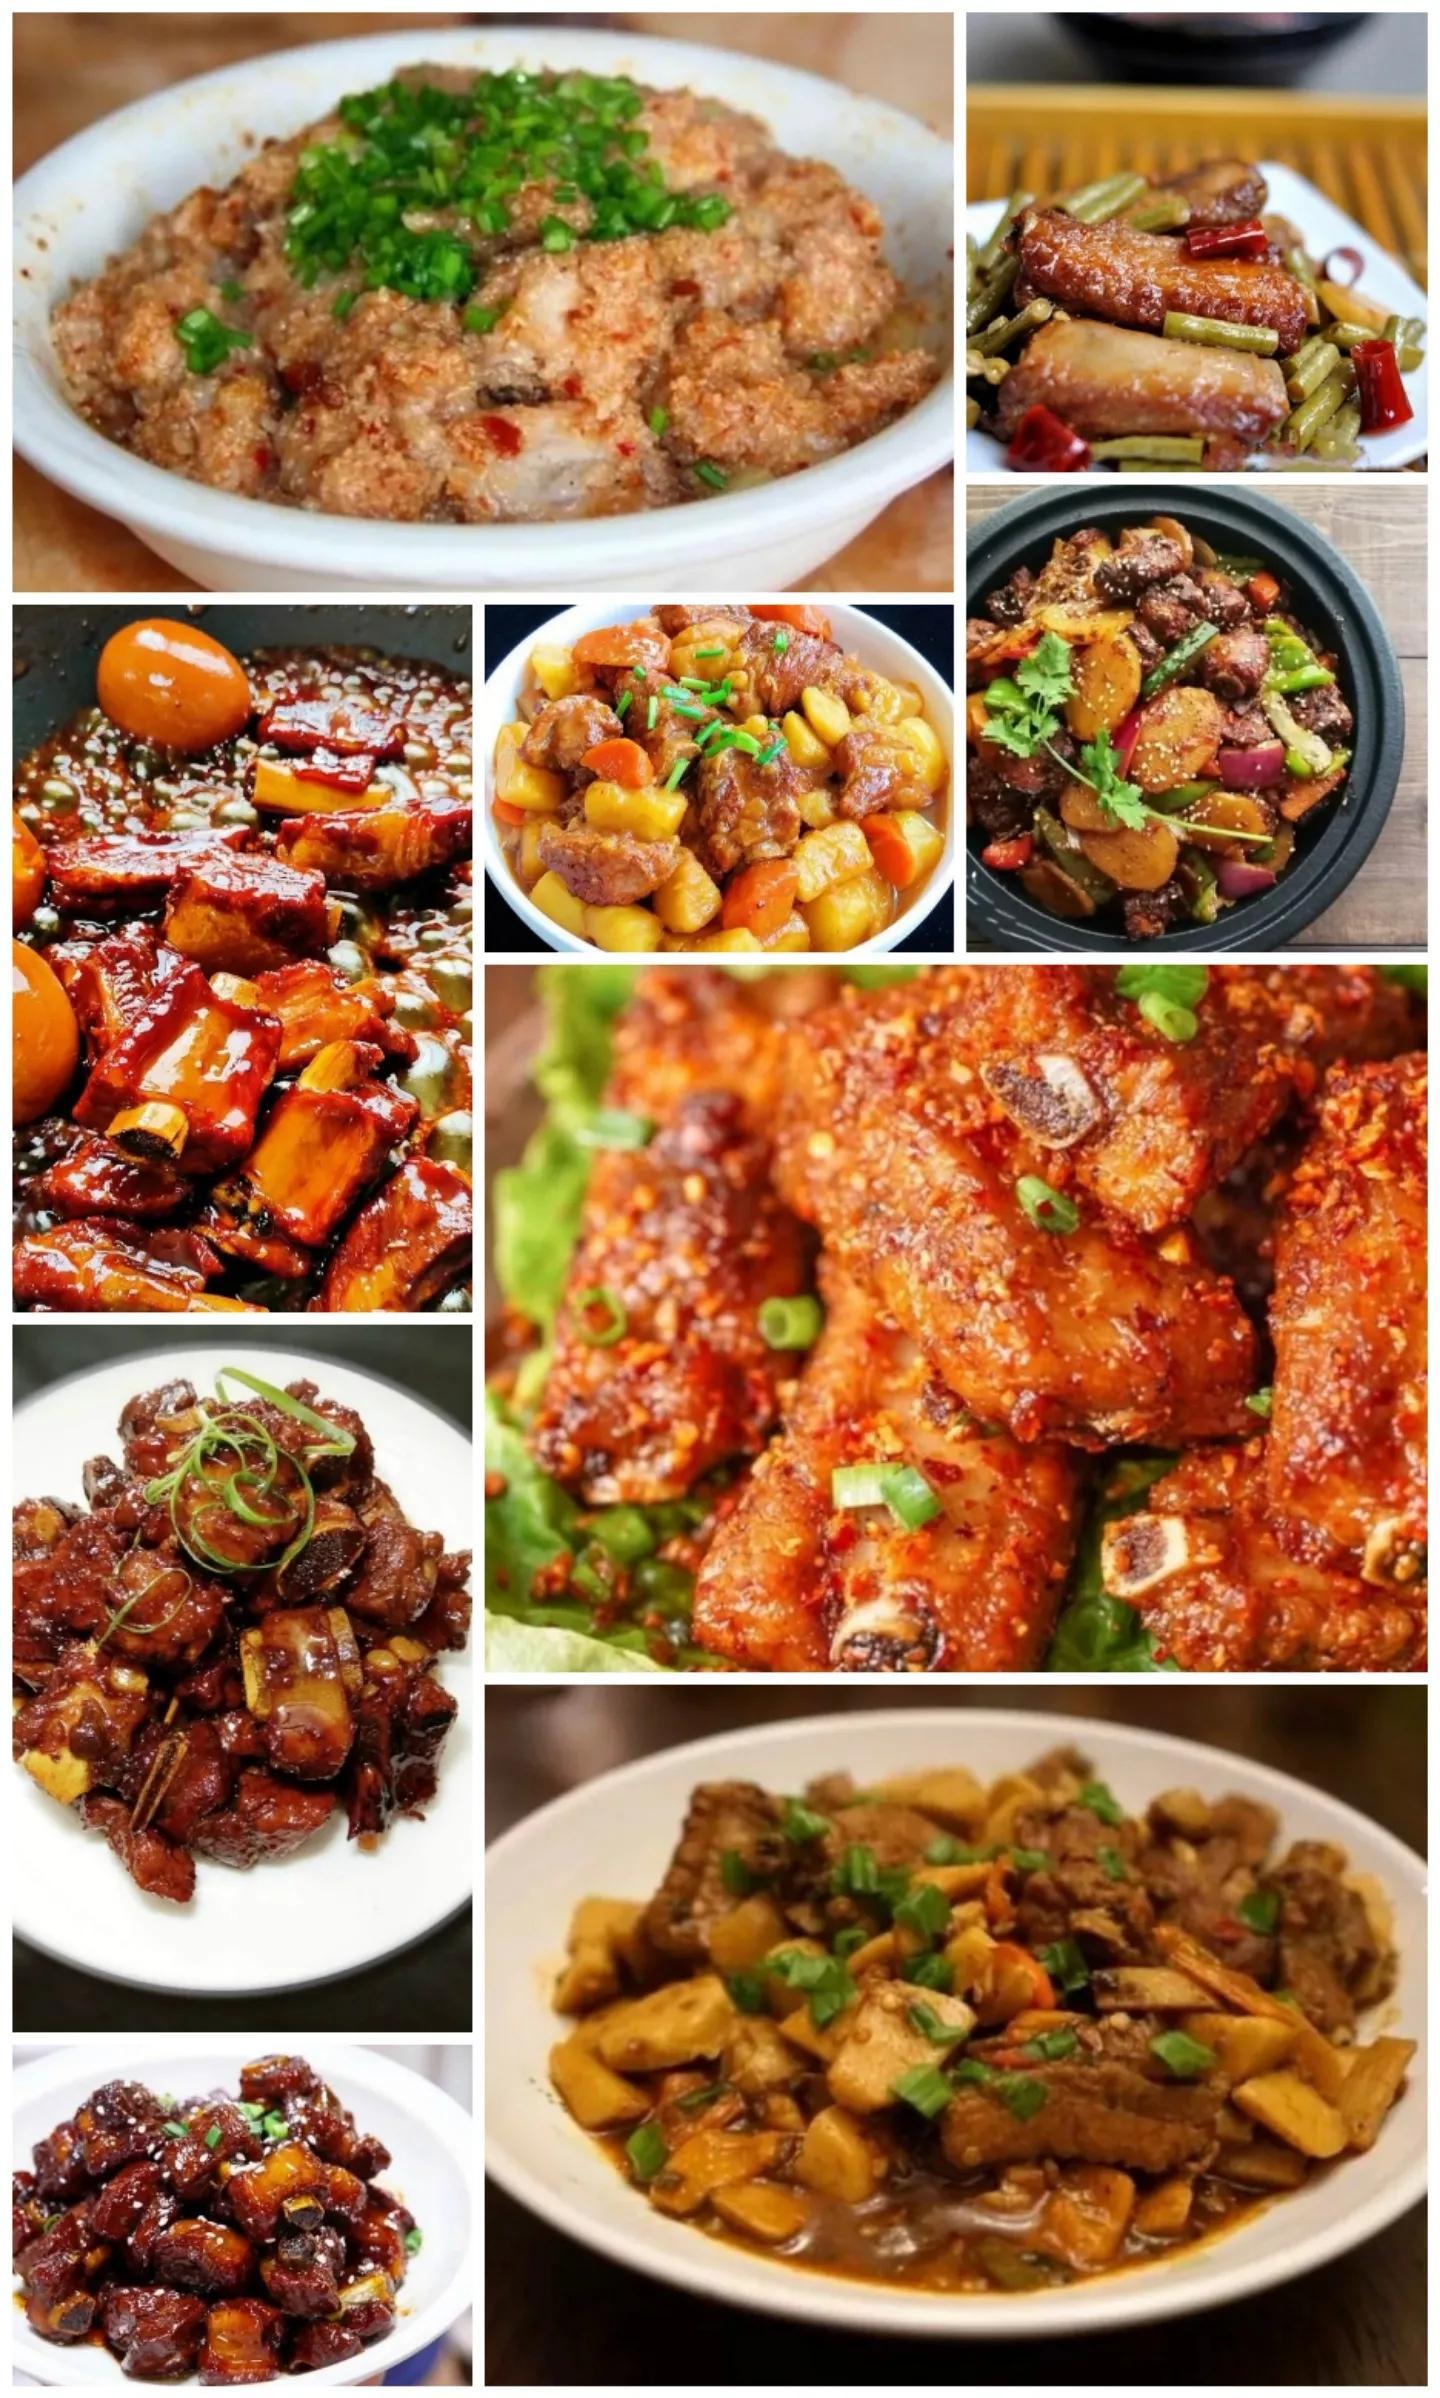 10种排骨的做法,快来进来看看 美食做法 第1张